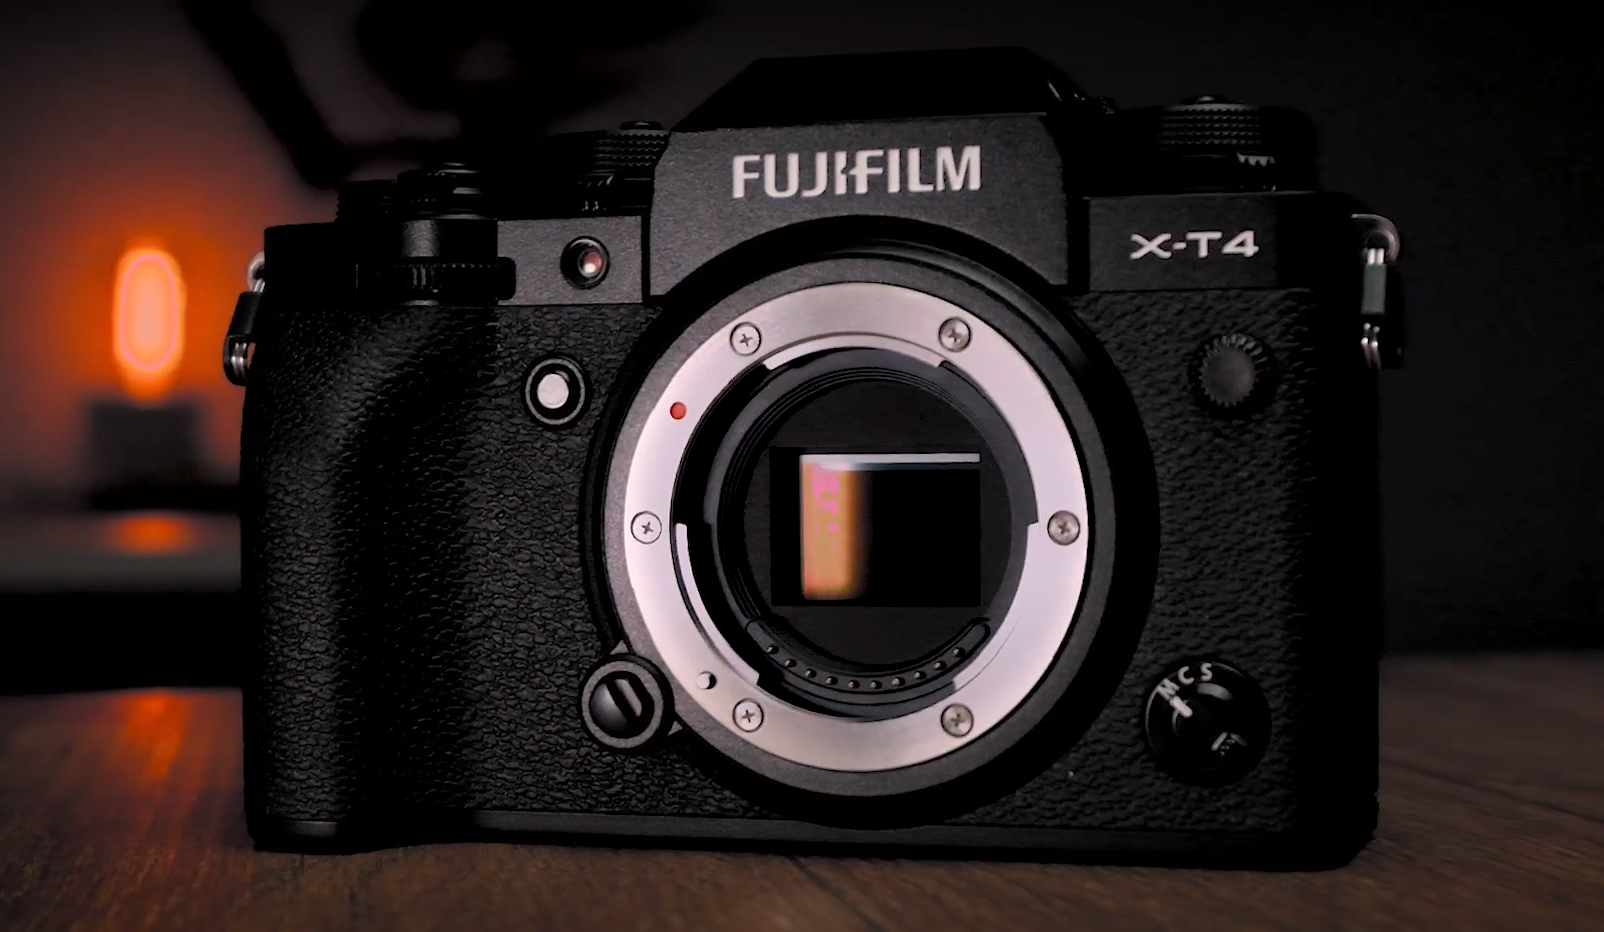 Imagem aproximada da câmera X-T4 em fundo com luz